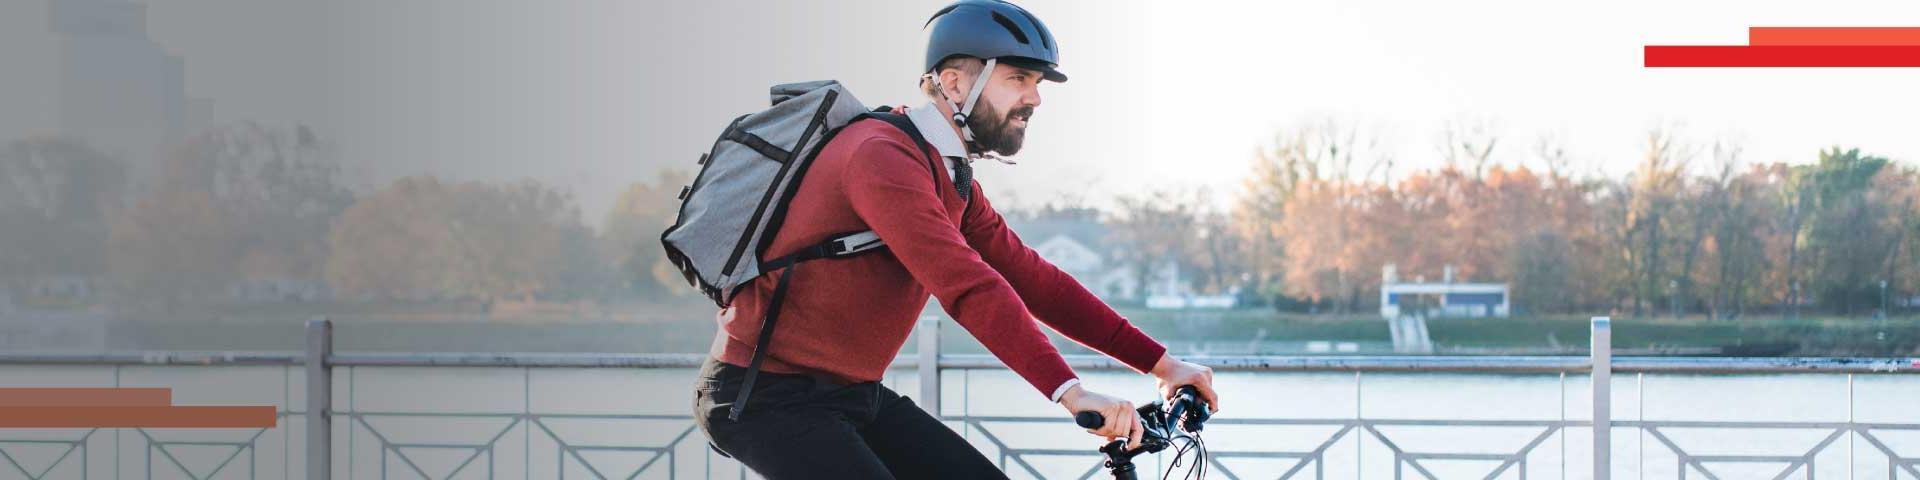 Seguro de Bicicleta - Monopatín